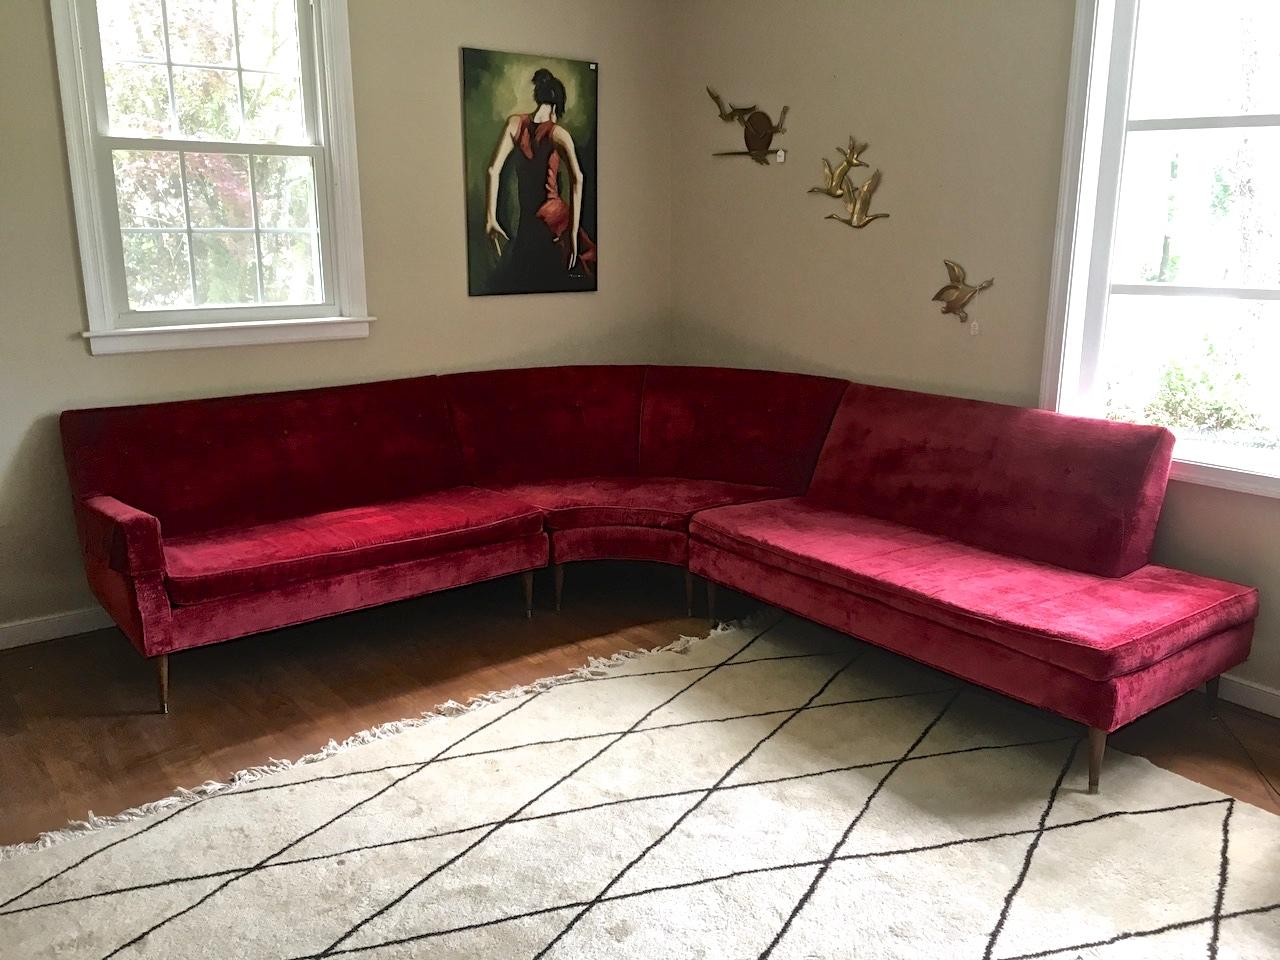 Fine Mid Century Modern Tufted Red Velvet Sectional Sofa Tapered Legs Epoch Spiritservingveterans Wood Chair Design Ideas Spiritservingveteransorg